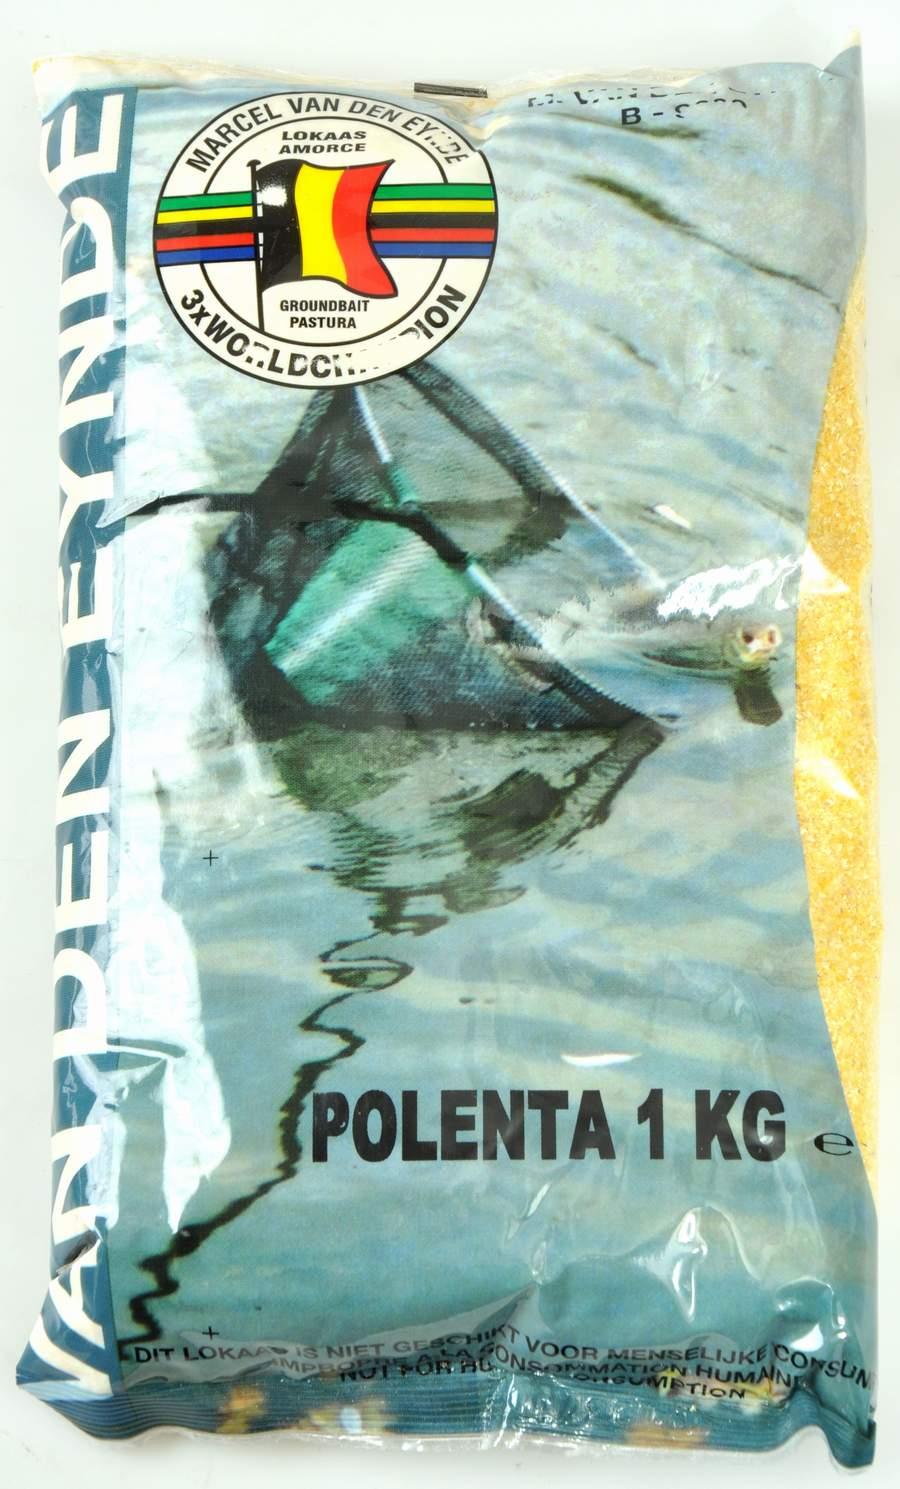 M.v.d. eynde polenta majs 1kg fra N/A fra fiskegrej.dk